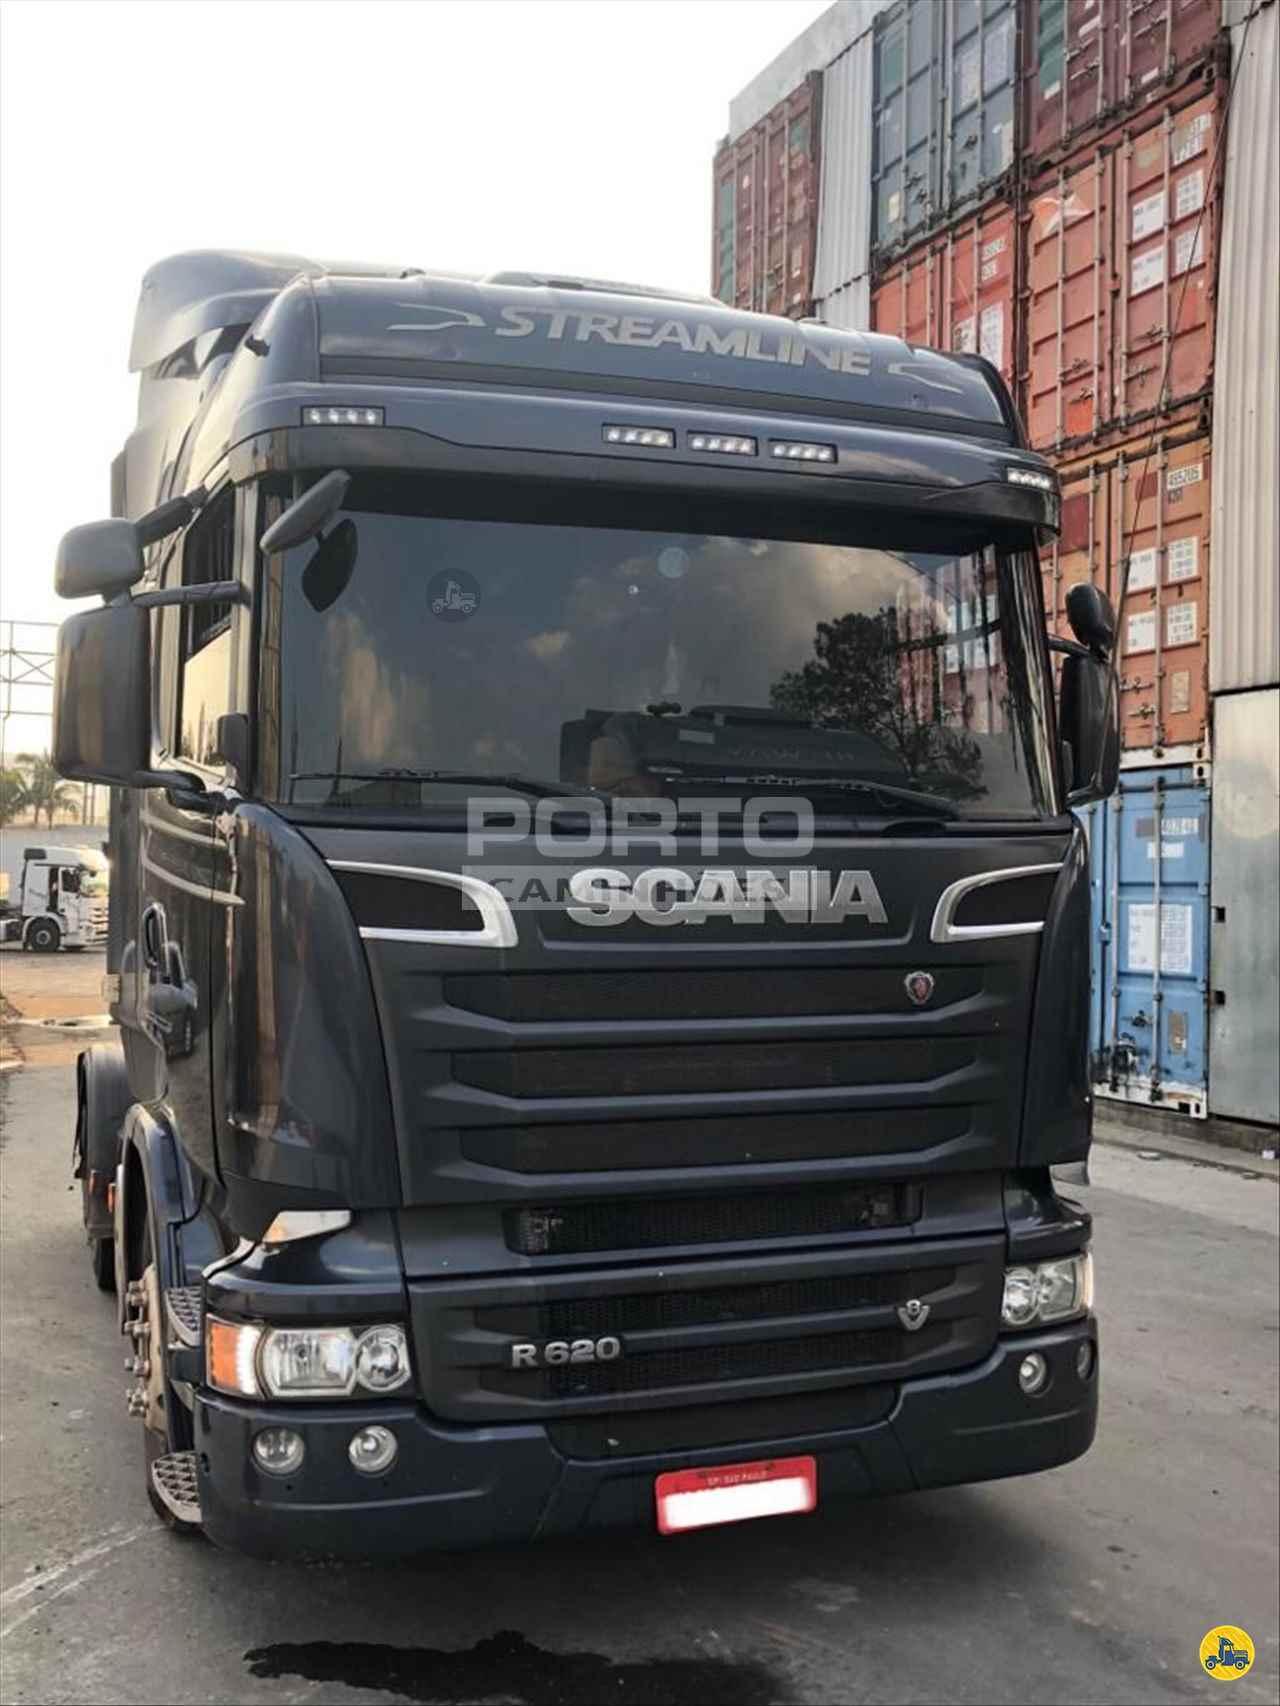 SCANIA 620 de Porto Caminhões - GUARULHOS/SP